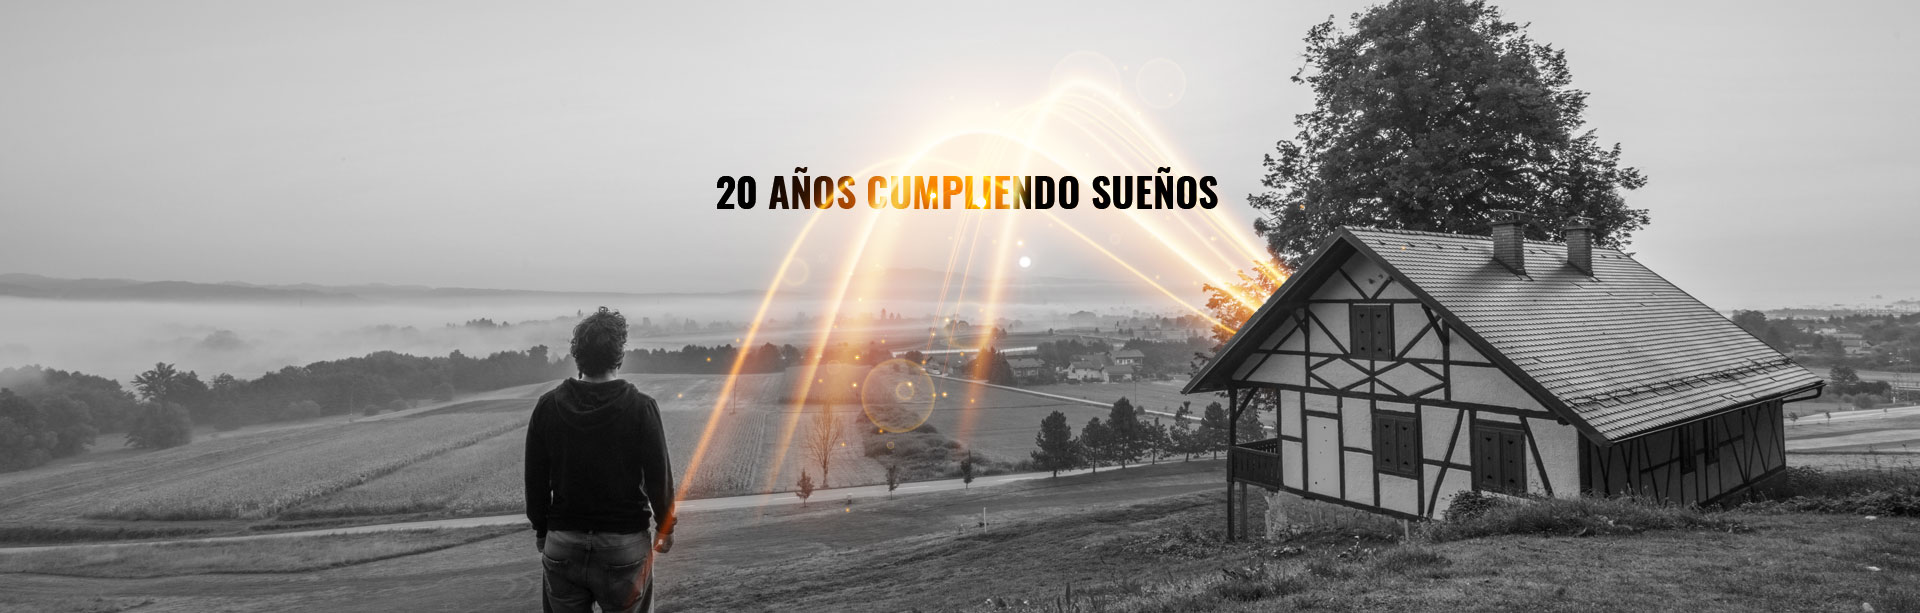 20 años cumpliendo sueños